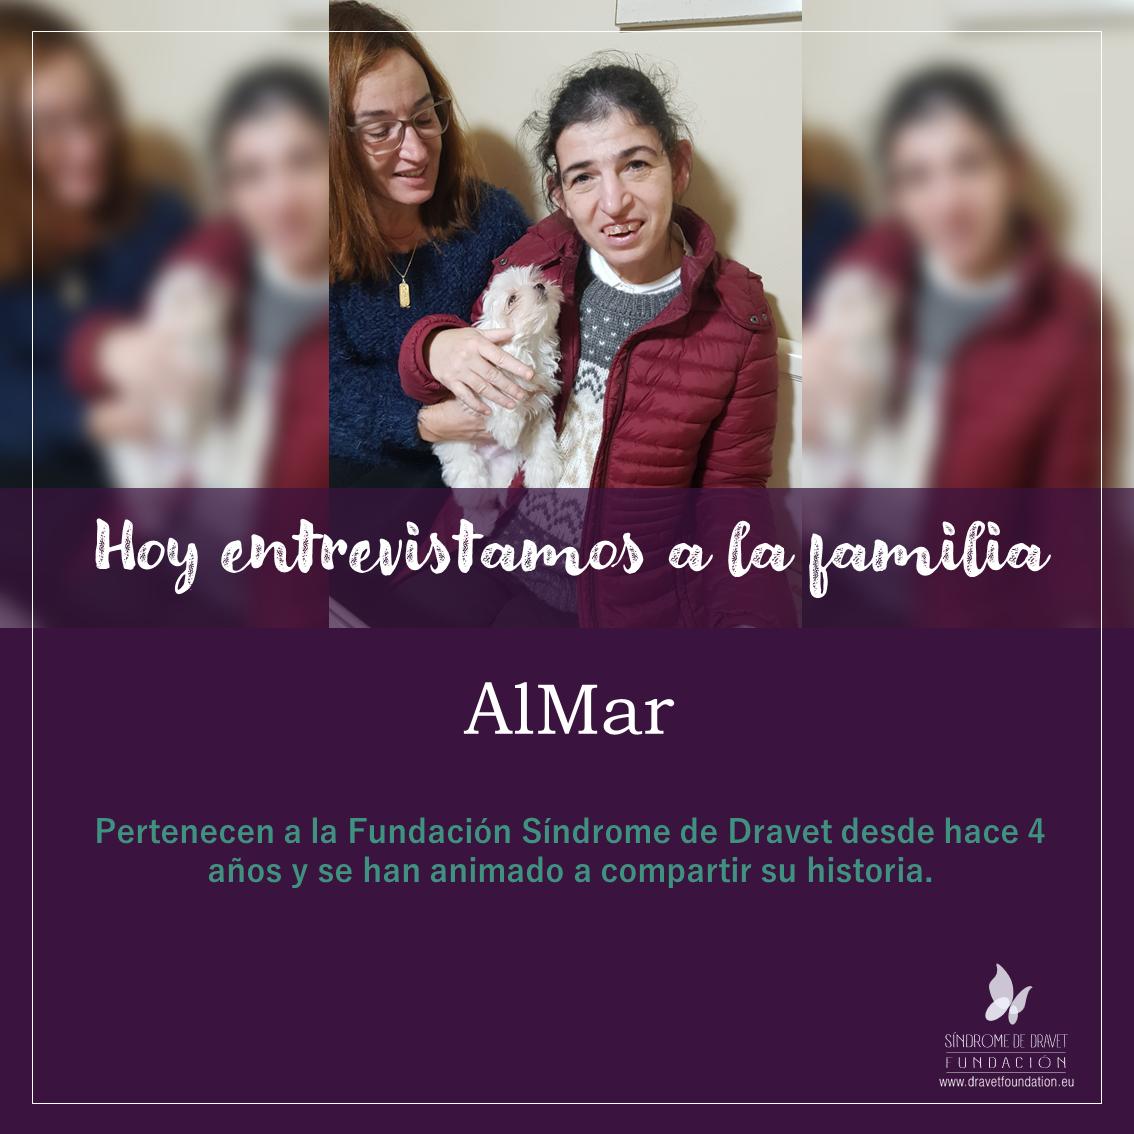 Entrevistamos a la familia AlMar